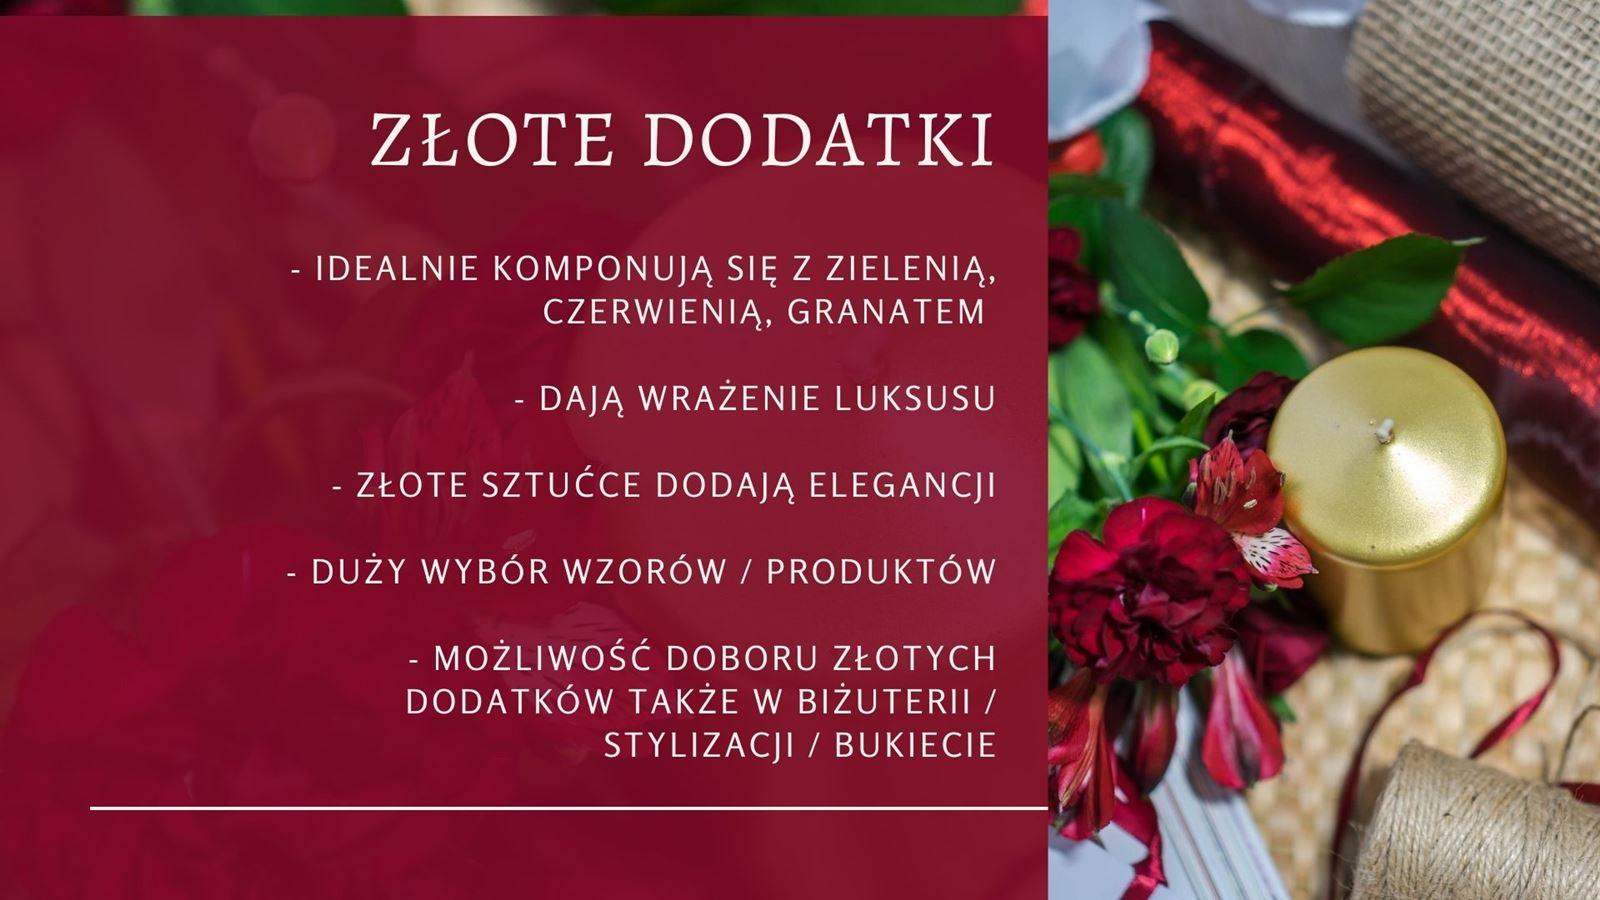 7 weselne diy wedding decoration ideas pomysły jak tanio udekorować zrobić samemu dekoracje na salę weselna na stol dla gosci co kupic male bukiety na stoly weselne dodatki tanie dekoracje na slub